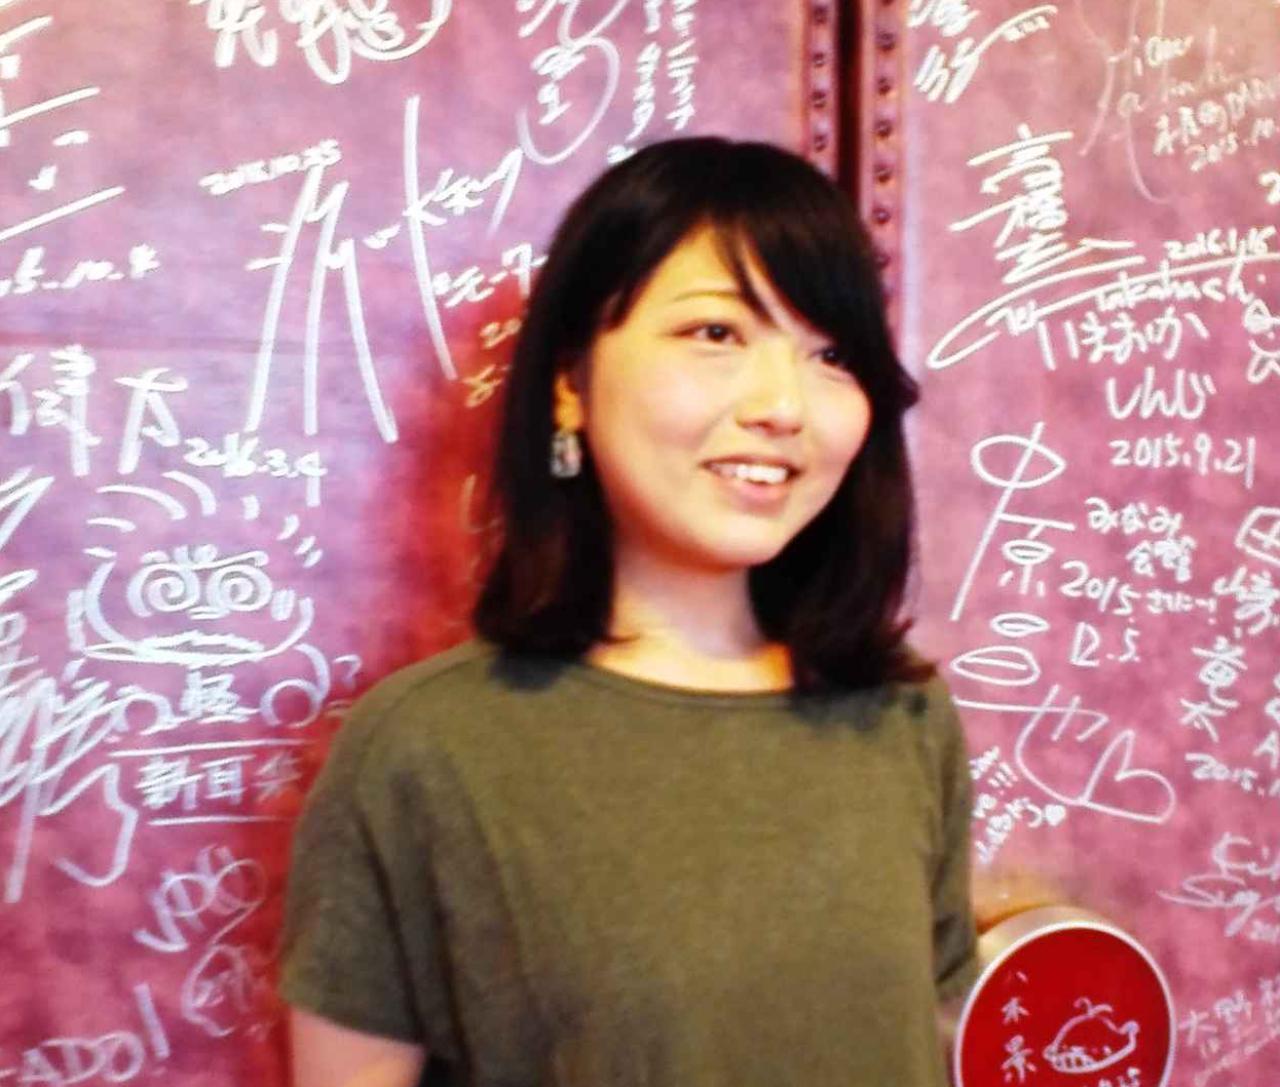 画像: なんと館長の肩書きで、登場したのは20代の若き女性 吉田 由利香さん